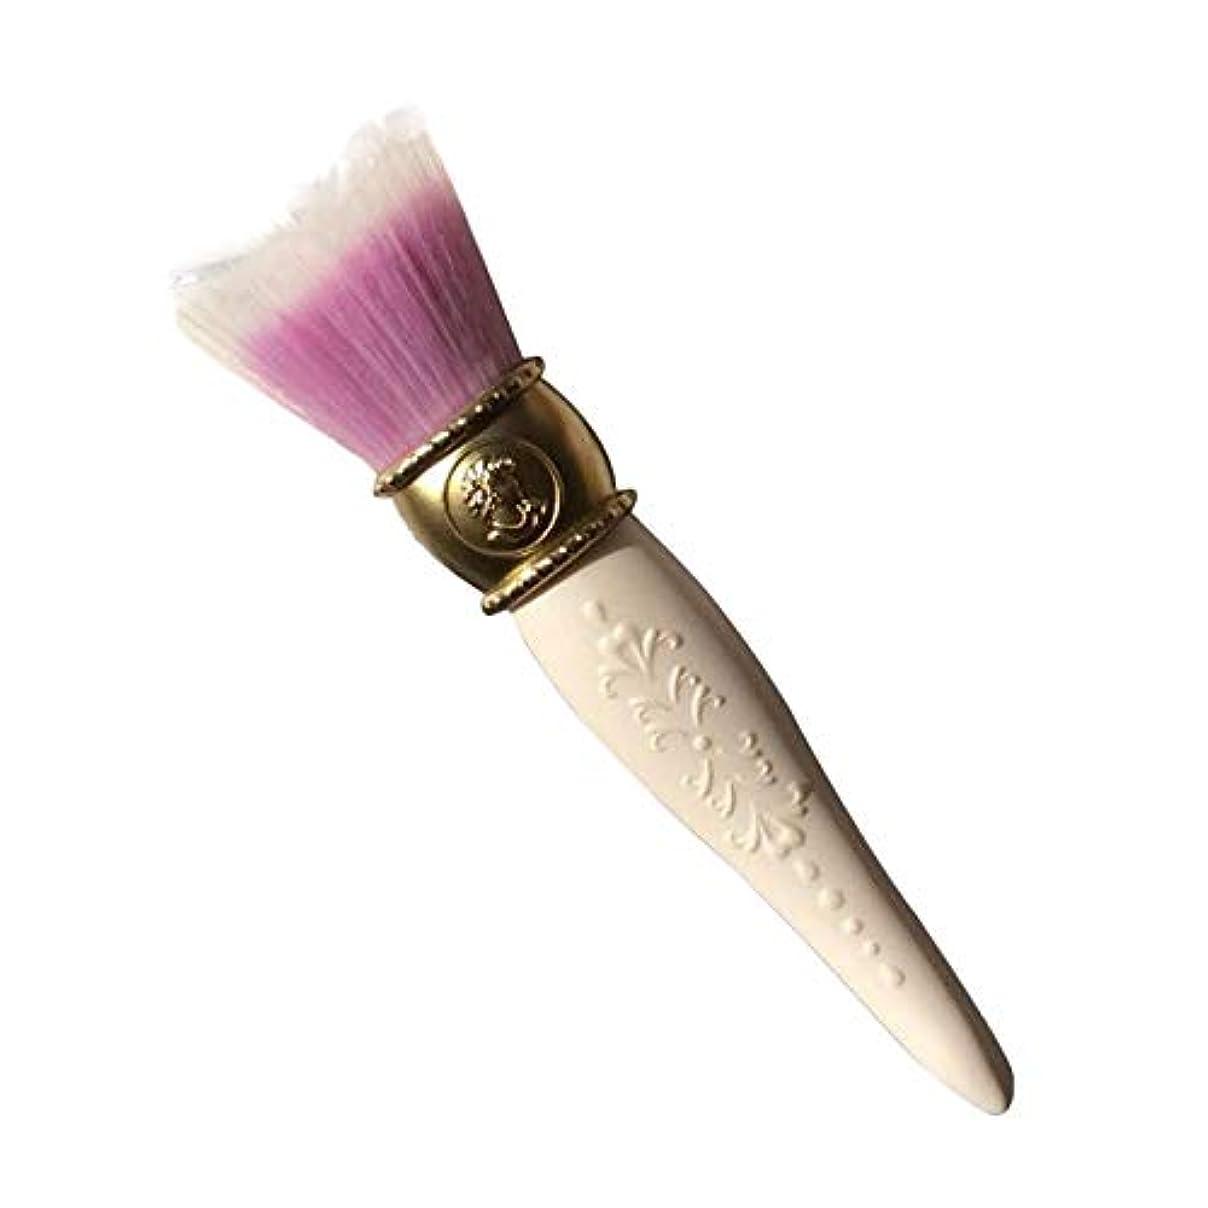 反動クローン刺激する笑え熊 貴族のシルバー ゴールド 高級タクロン 高級繊維毛 化粧ブラシ 化粧筆 手作業 化粧ポーチ付き